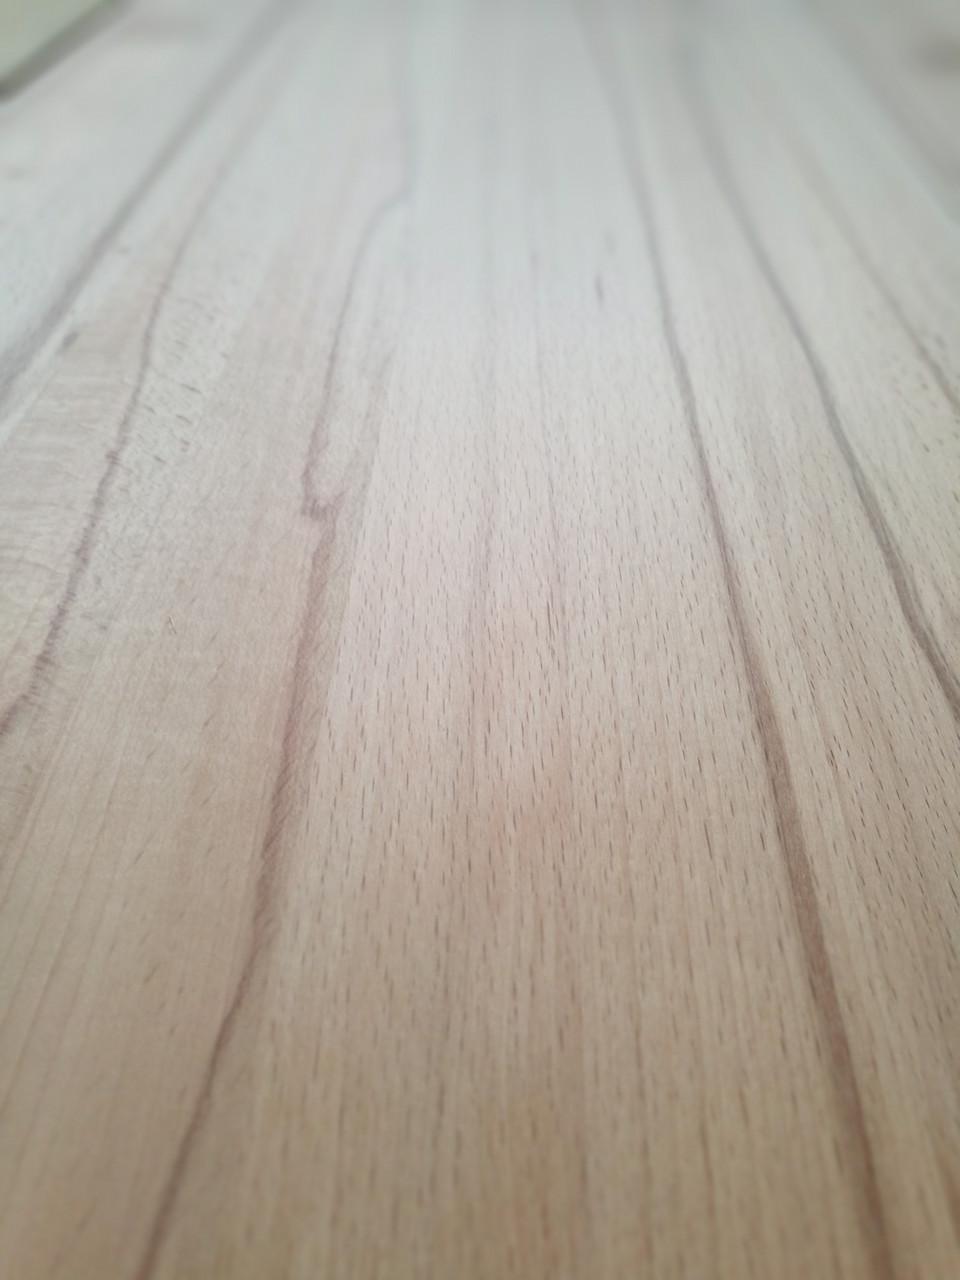 Мебельный щит Бук (цельноламельный) Толщиной 20 мм.